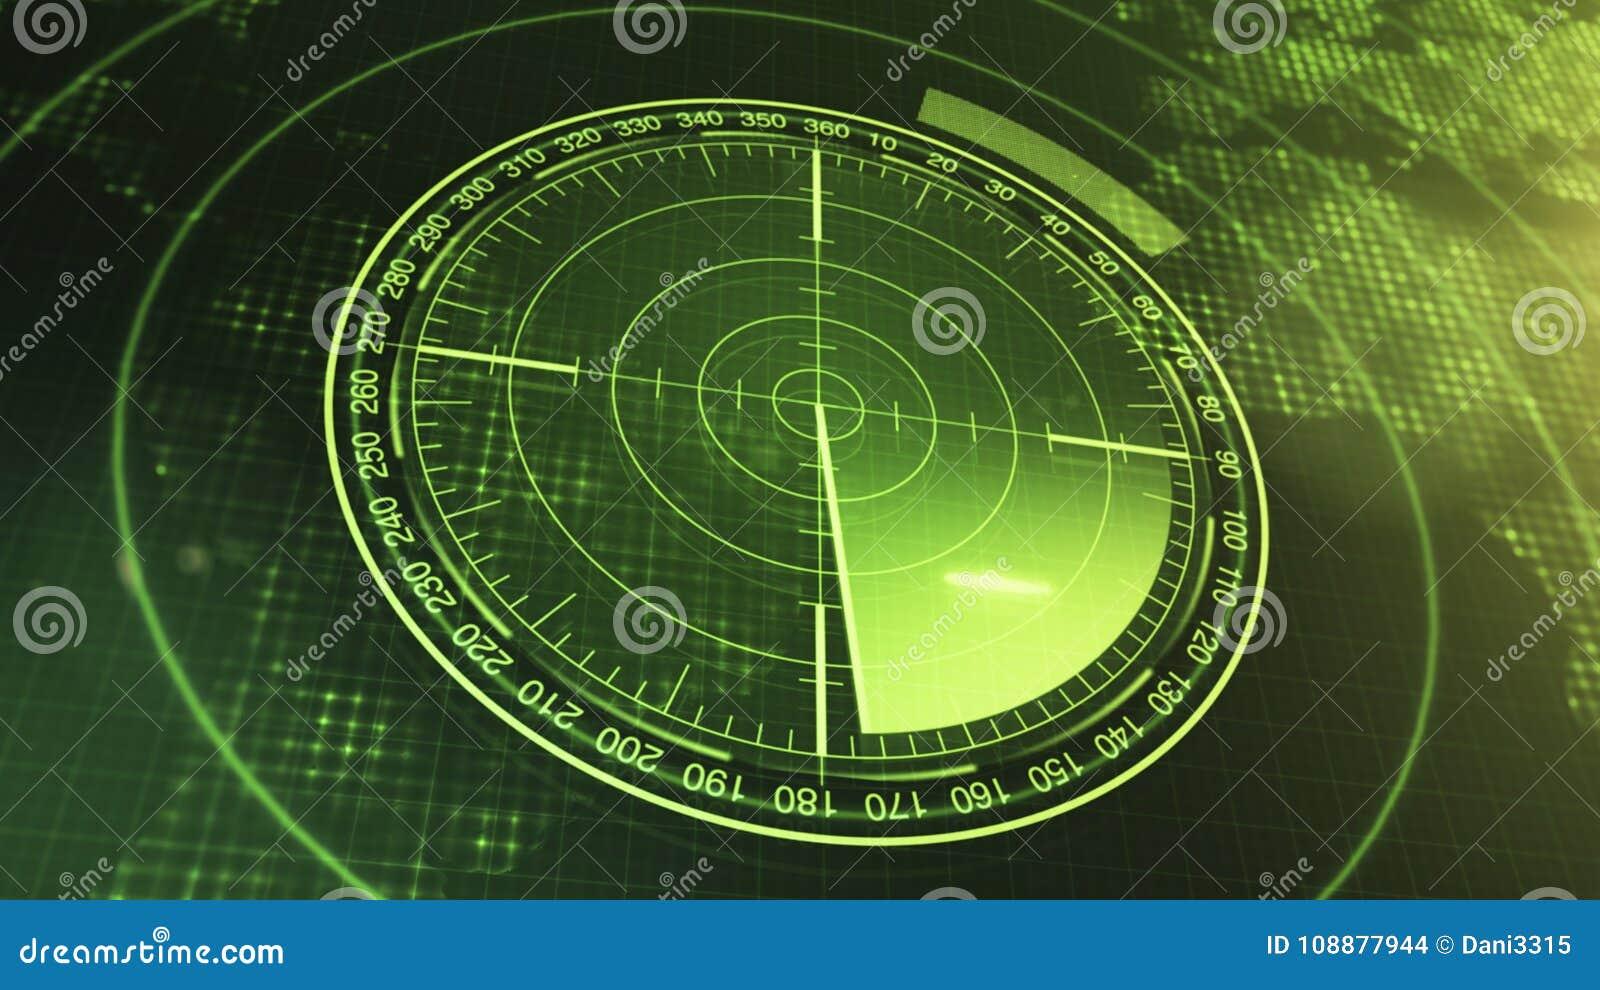 潜水艇和船的生波探侧器屏幕 有对象的雷达生波探侧器在地图